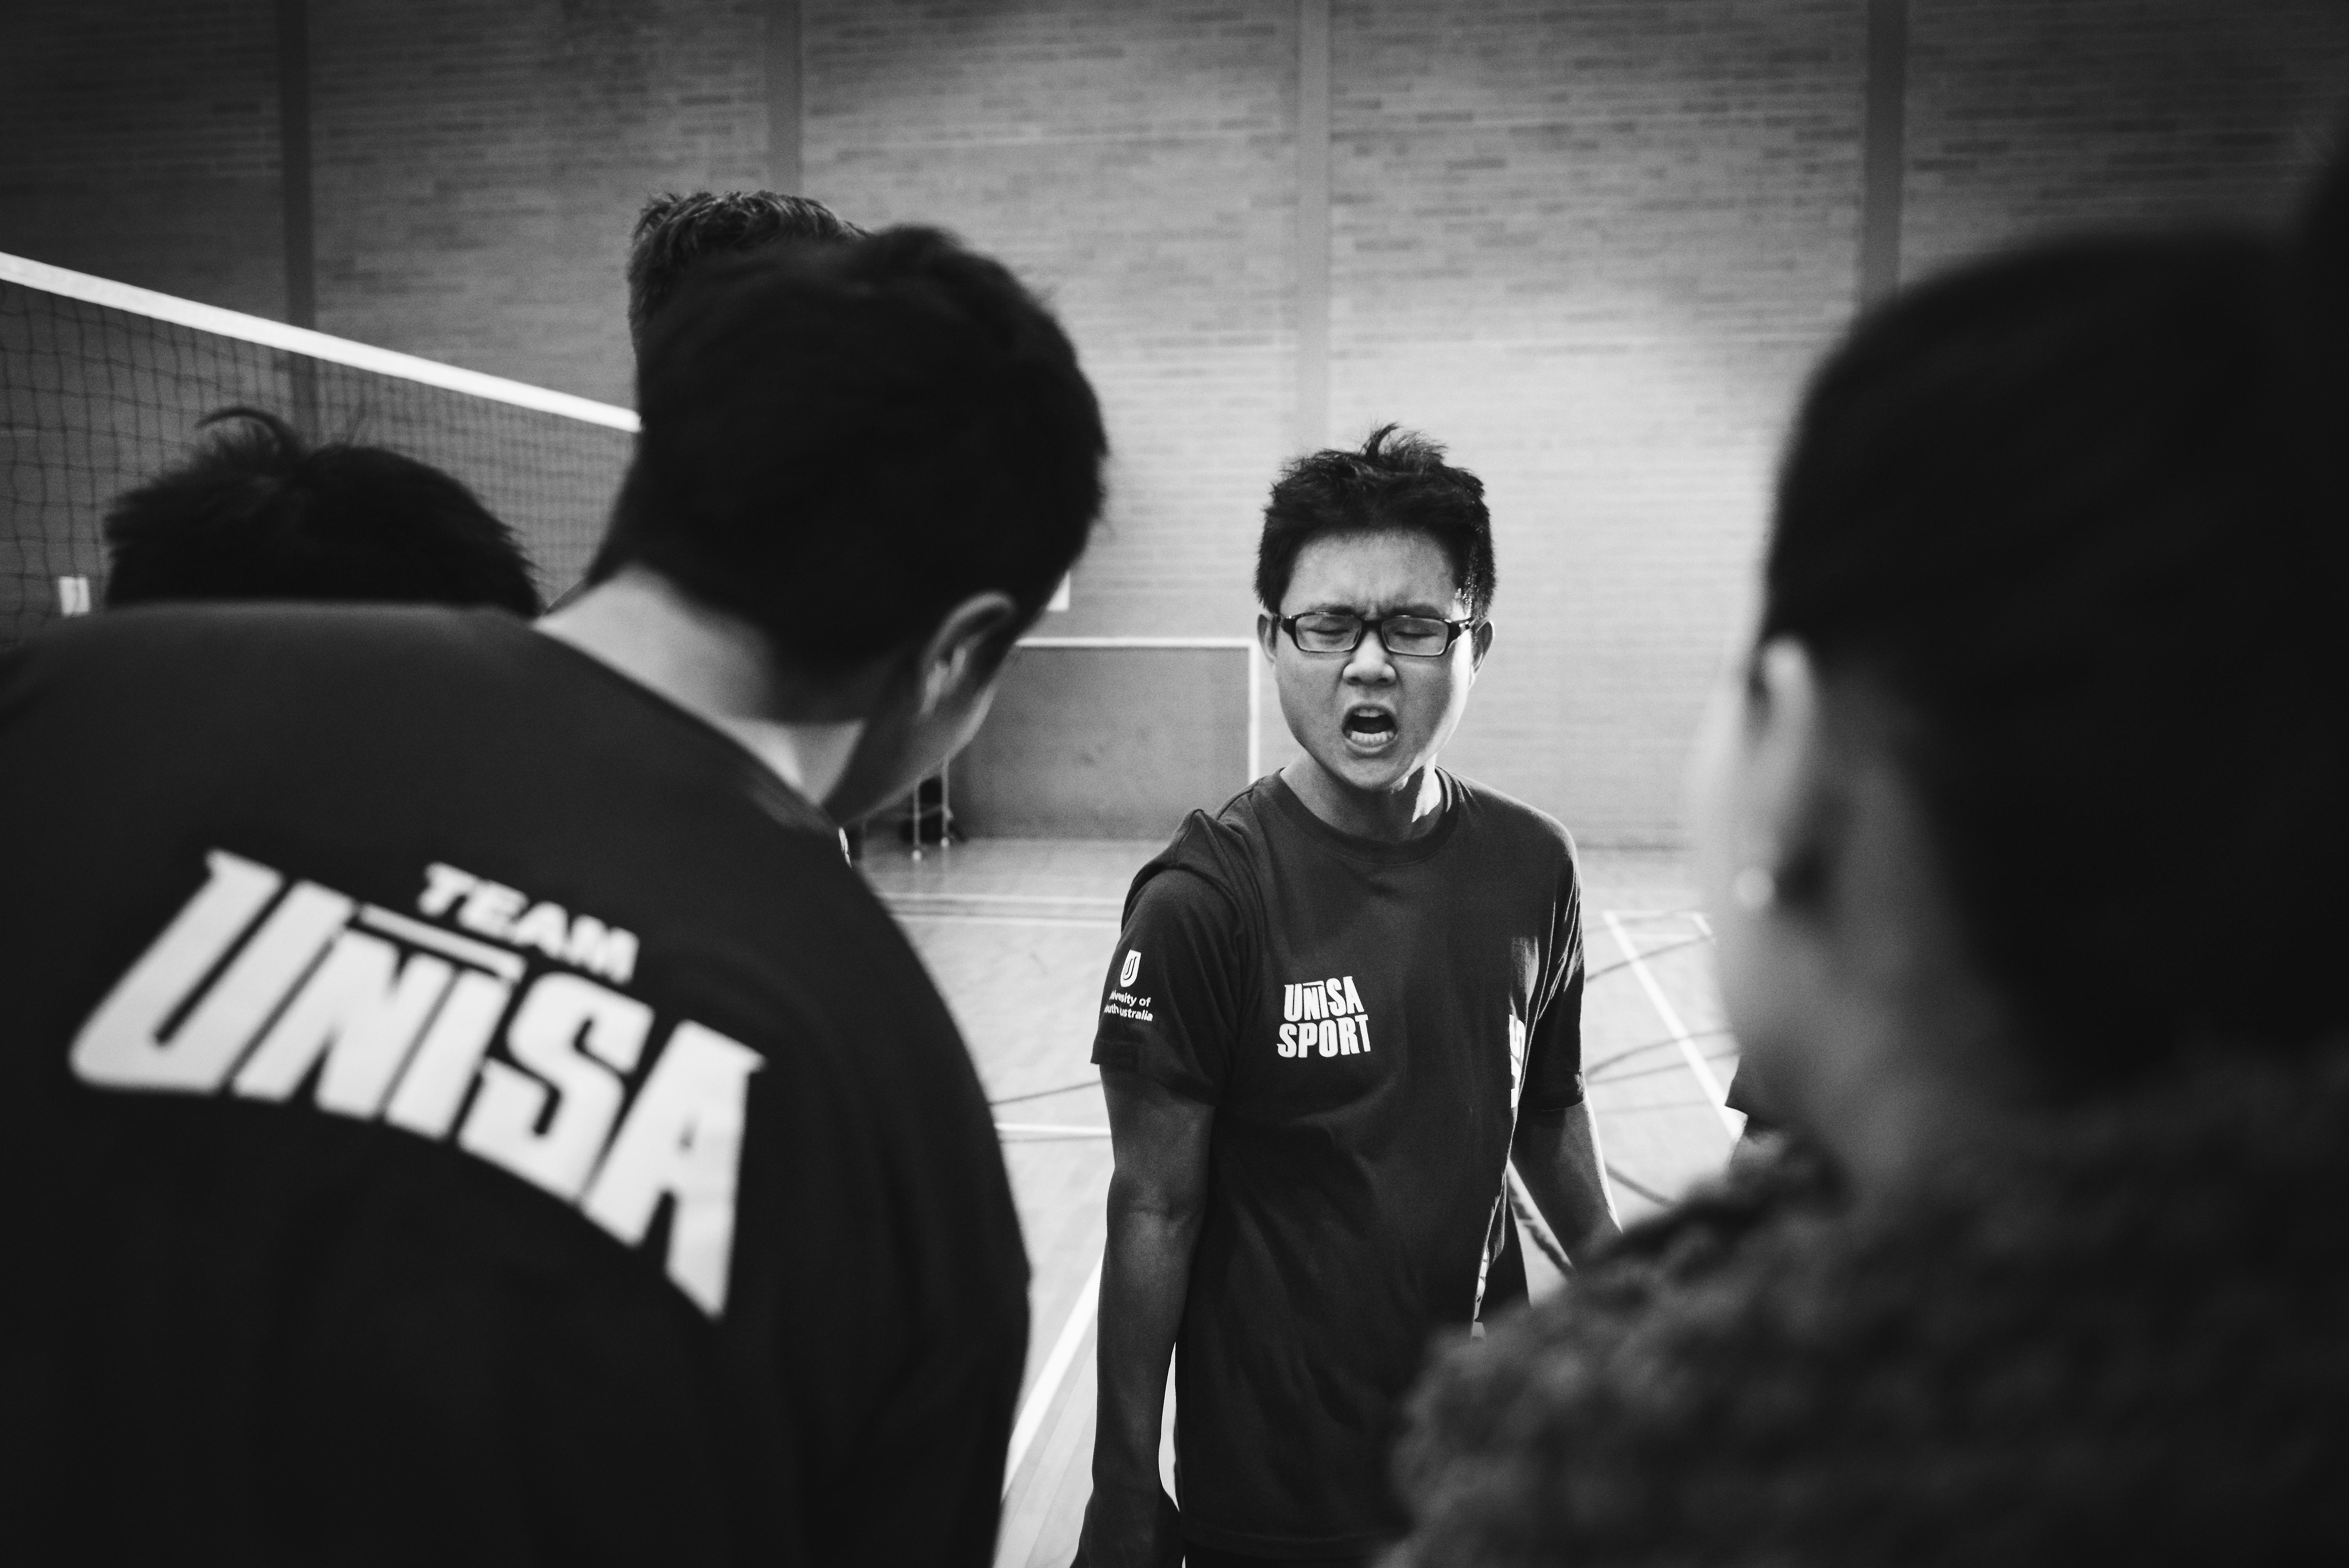 Team UniSA + UniSA Sport identities